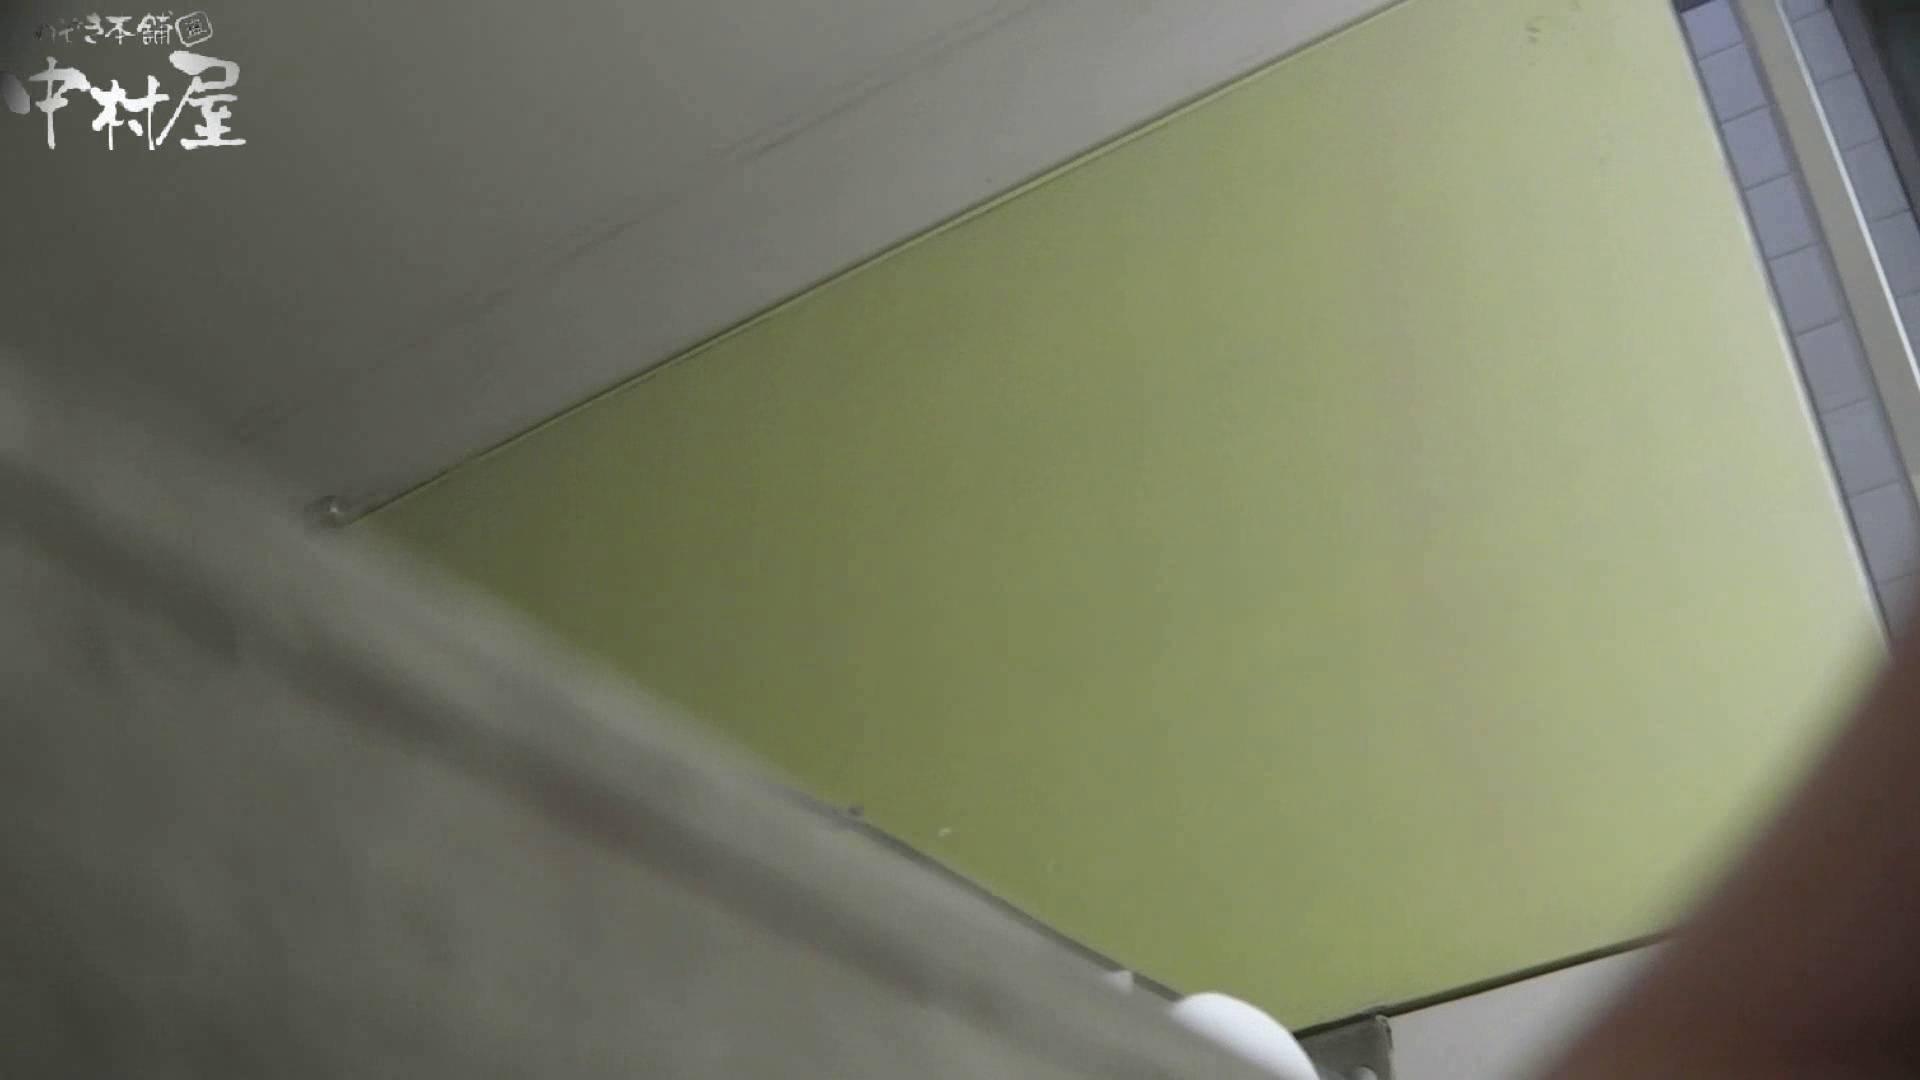 vol.32 命がけ潜伏洗面所! ポニテのケツ毛 後編 洗面所 盗み撮り動画キャプチャ 95枚 18